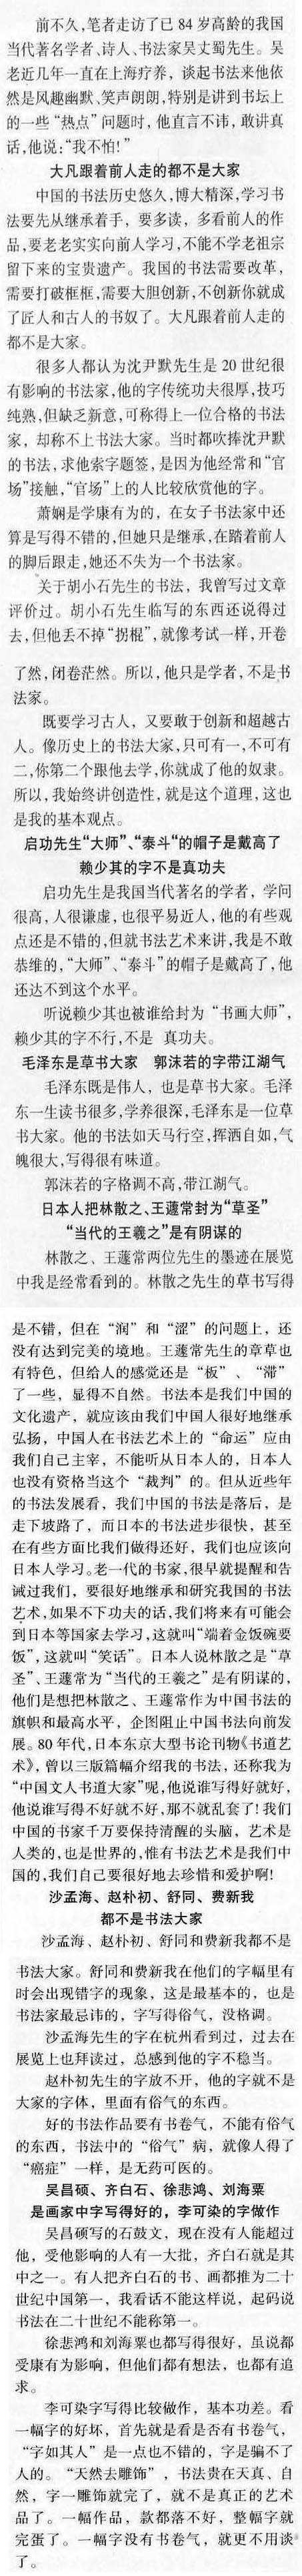 吴丈蜀先生评当时的所谓十大书家.jpg